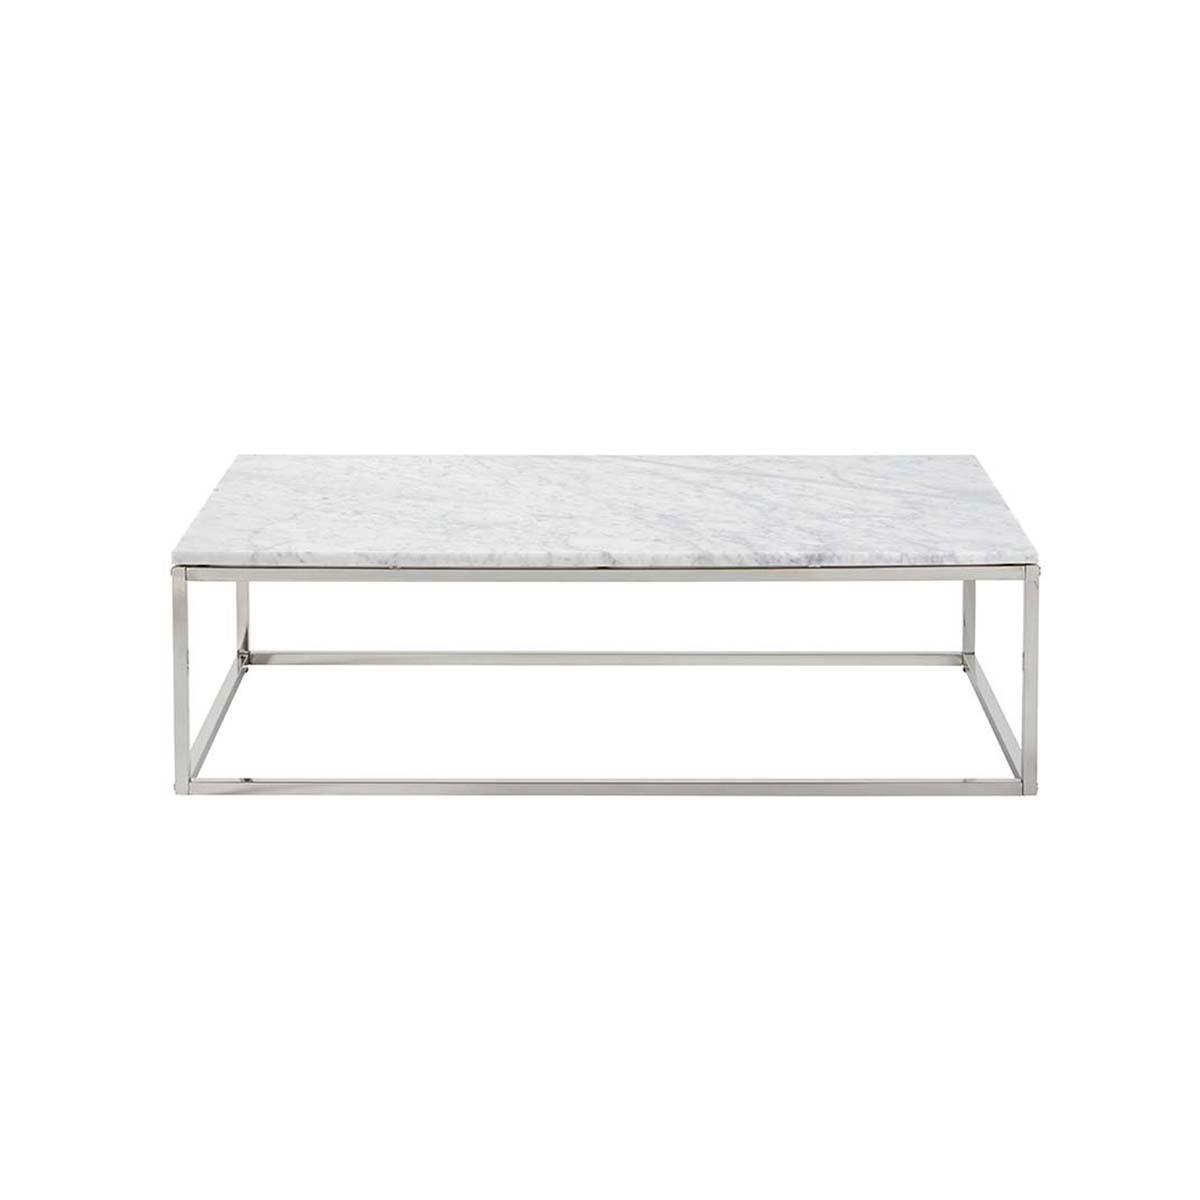 Table basse rectangulaire en marbre et métal blanche